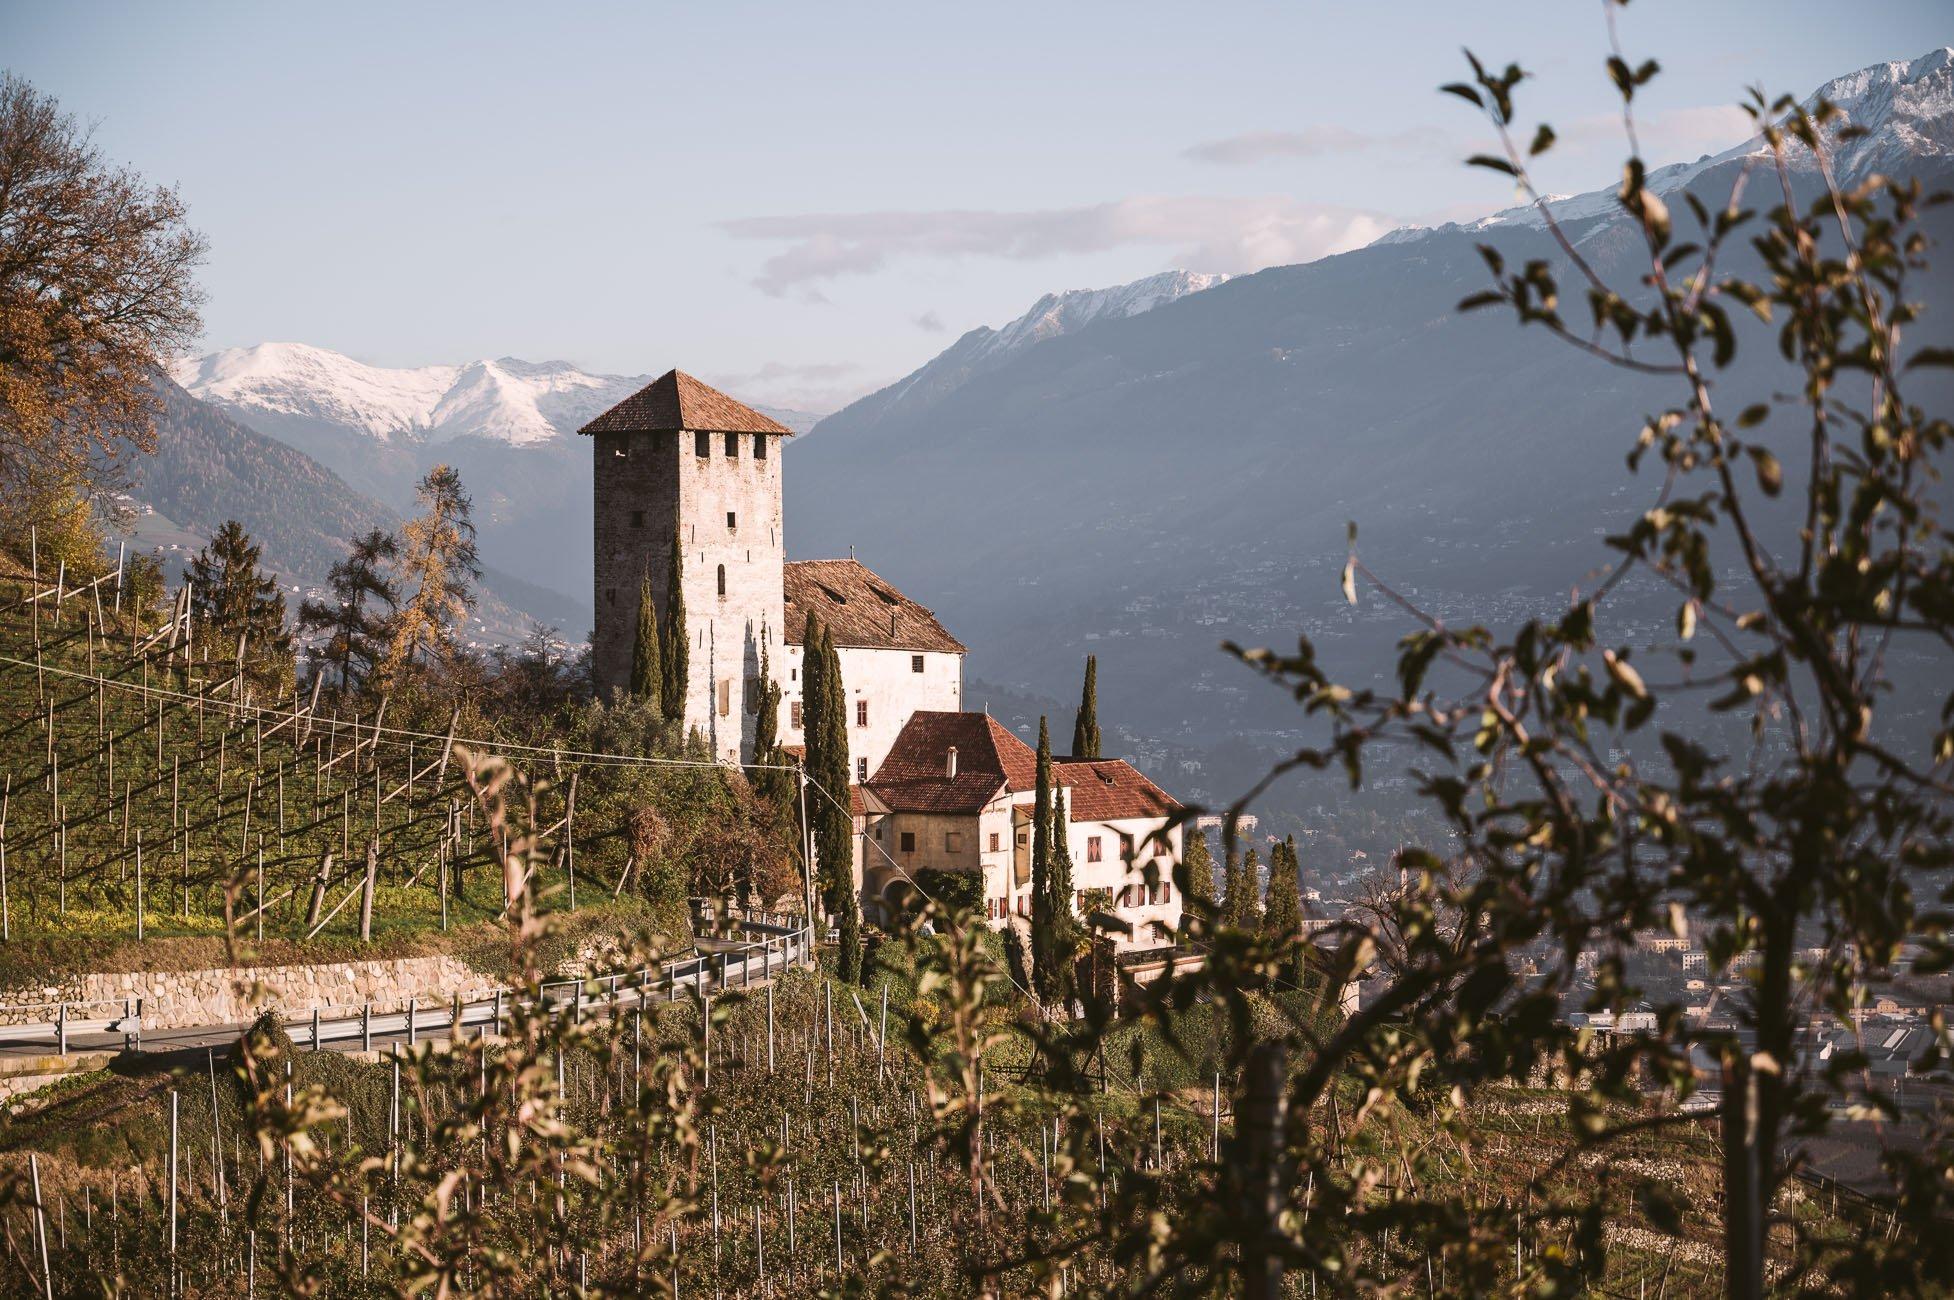 Lana South Tyrol